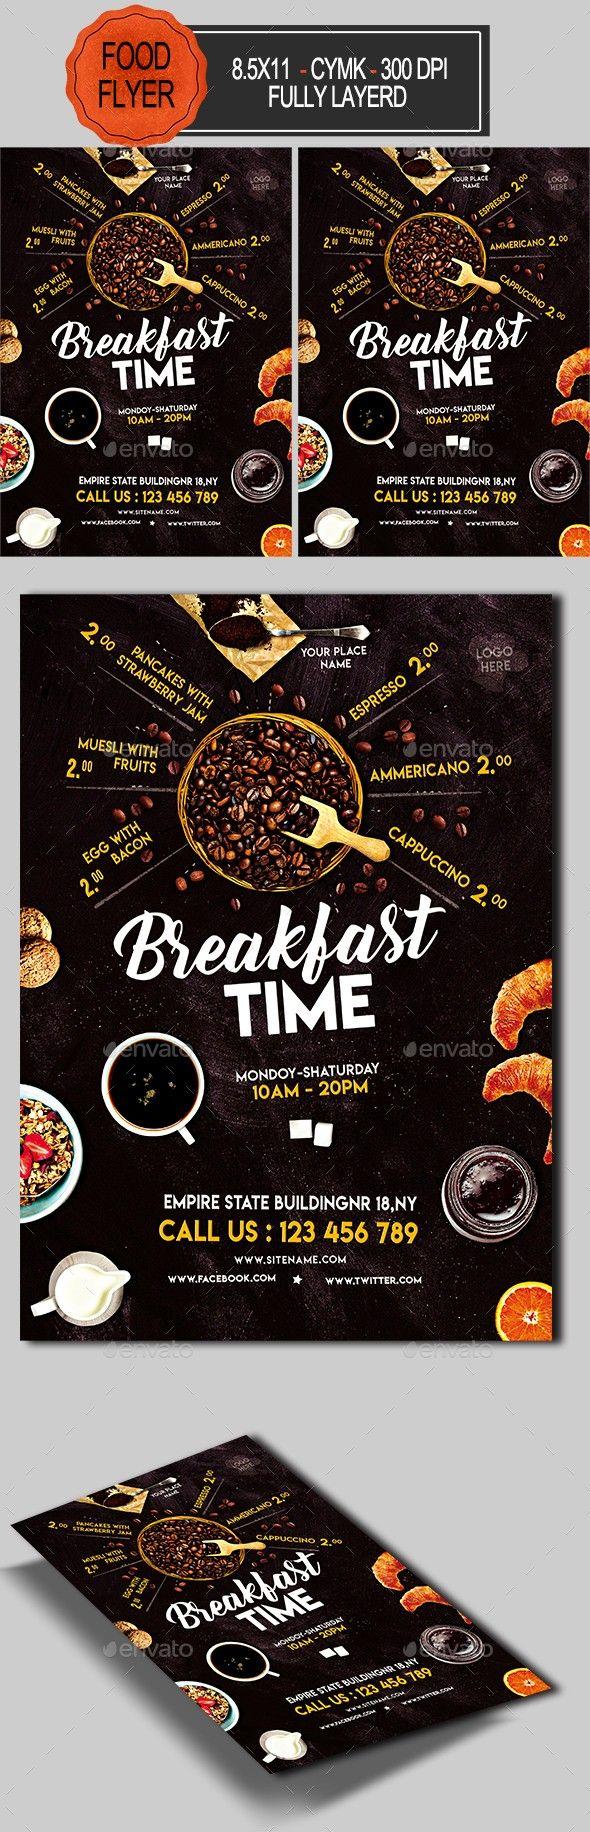 Creative Breakfast Flyer Design